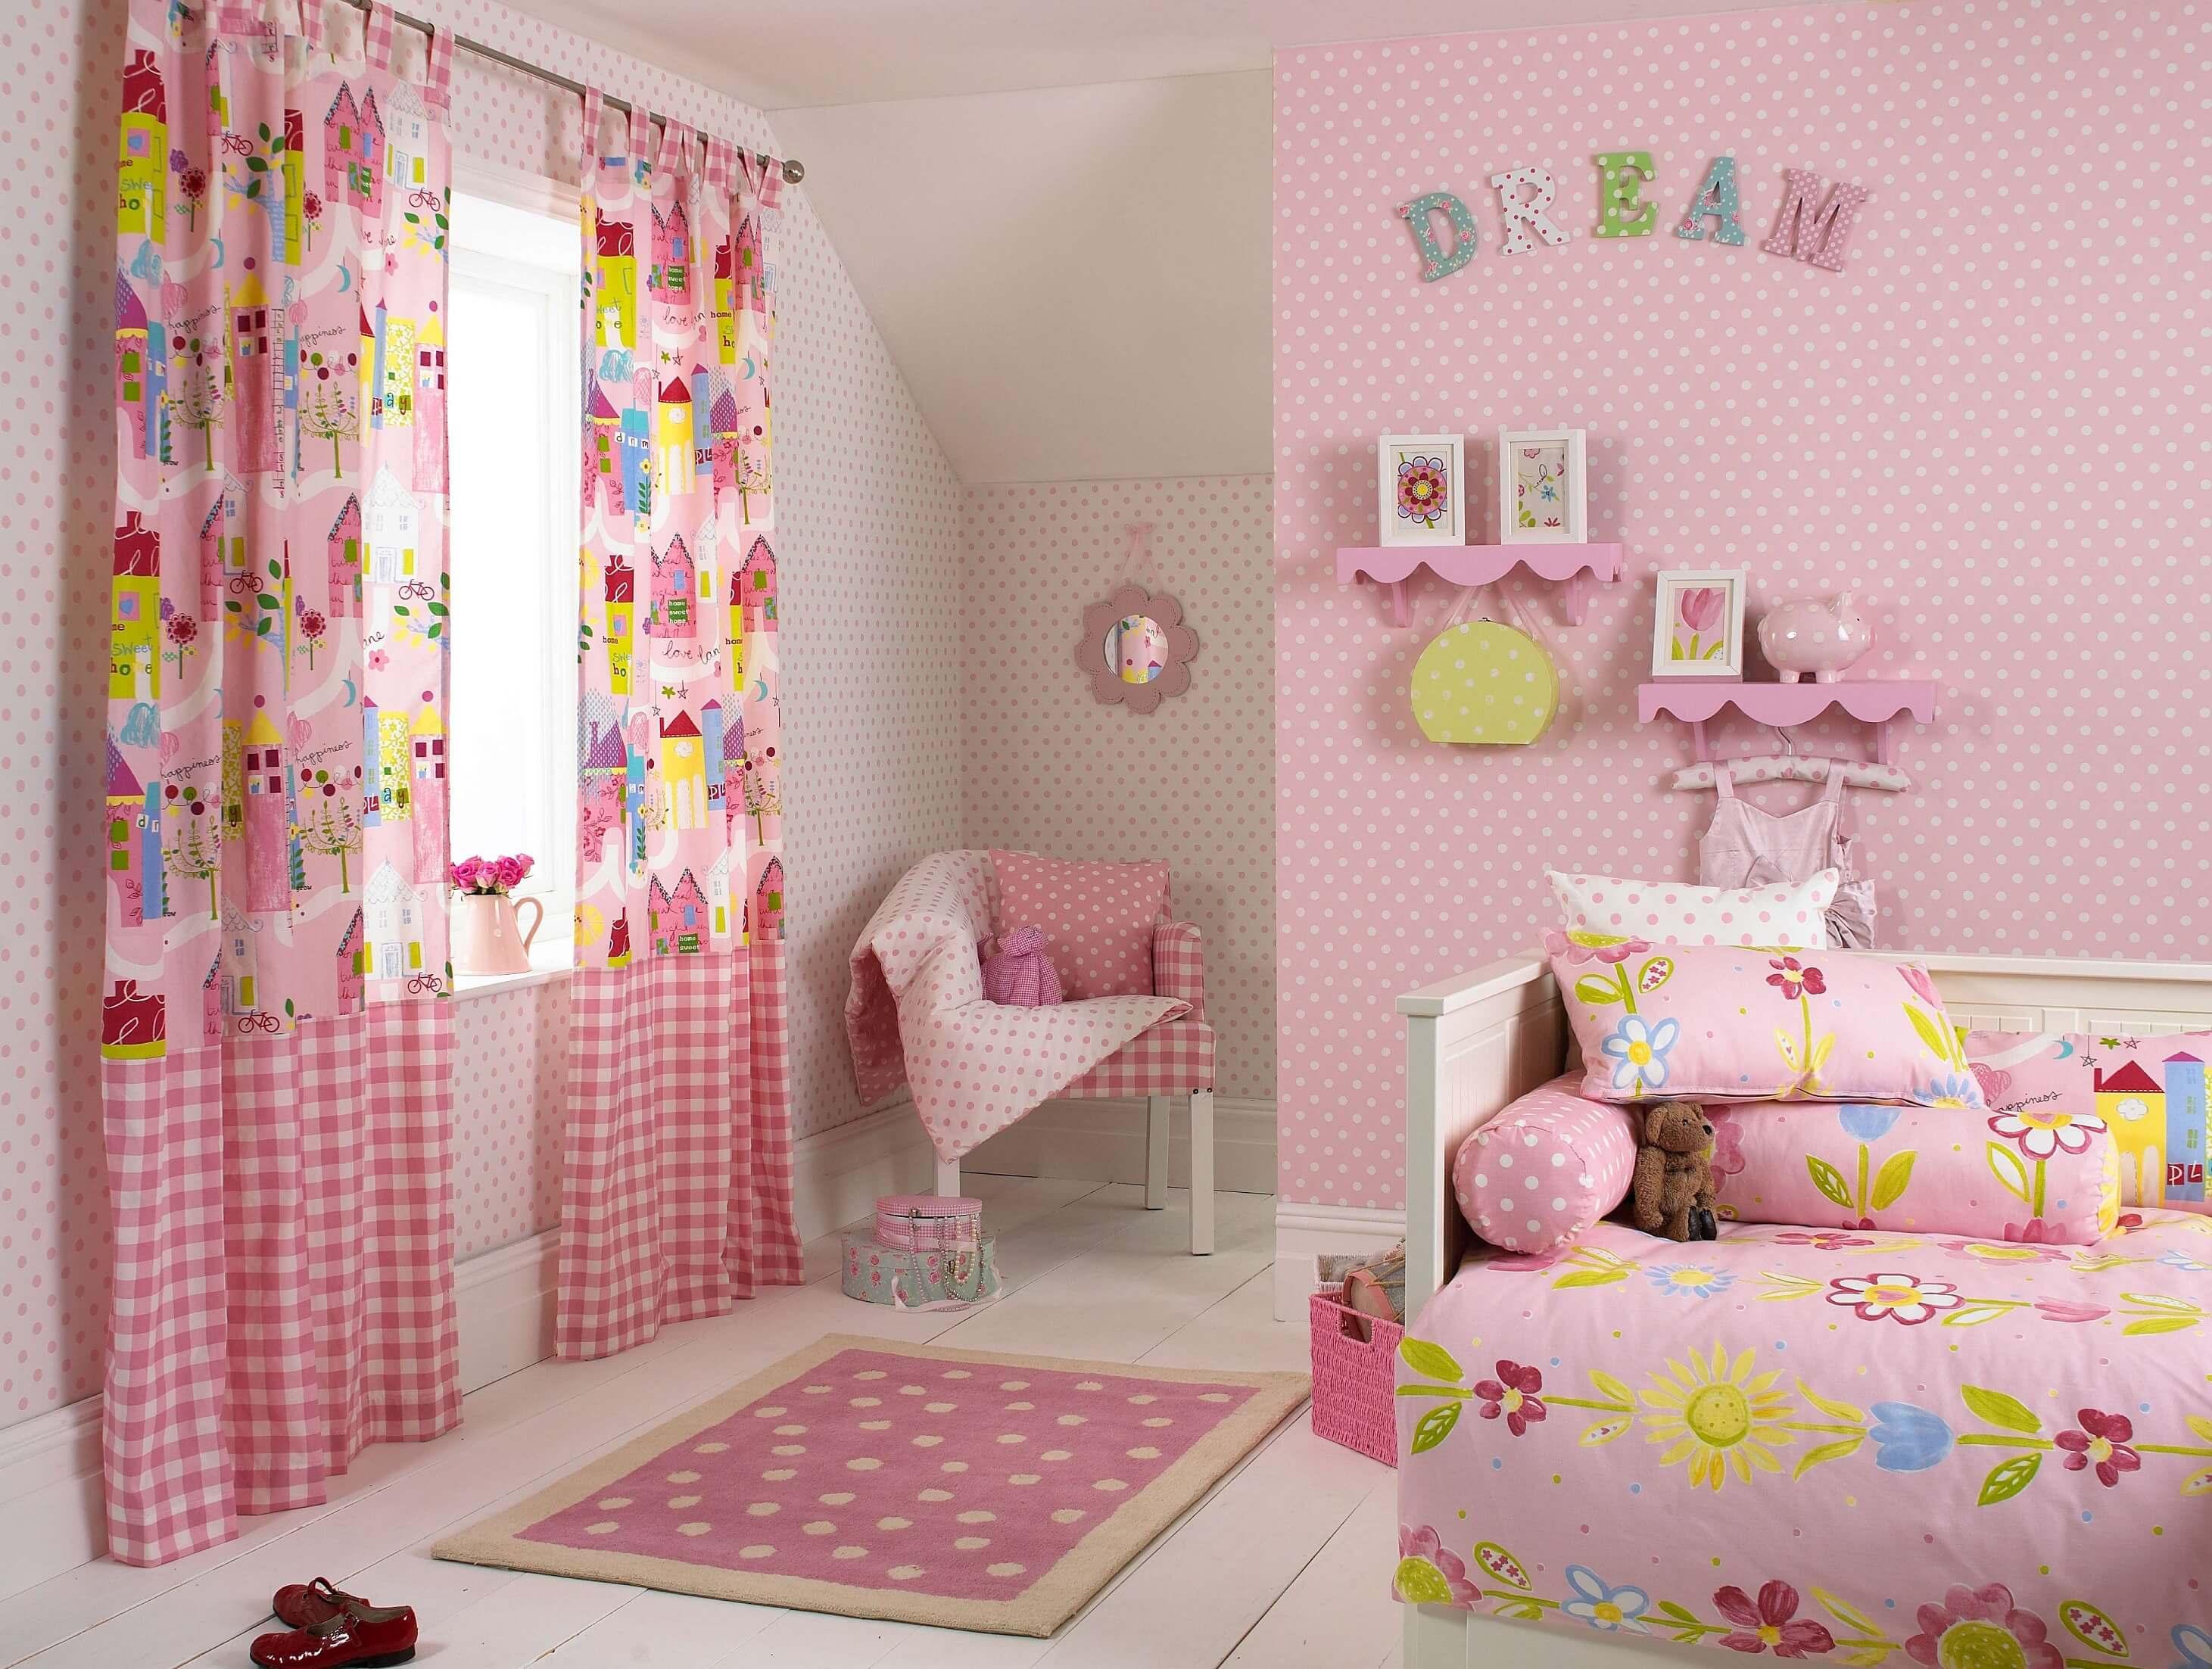 Idee inrichten kinderkamer - Kamer kleur idee ...